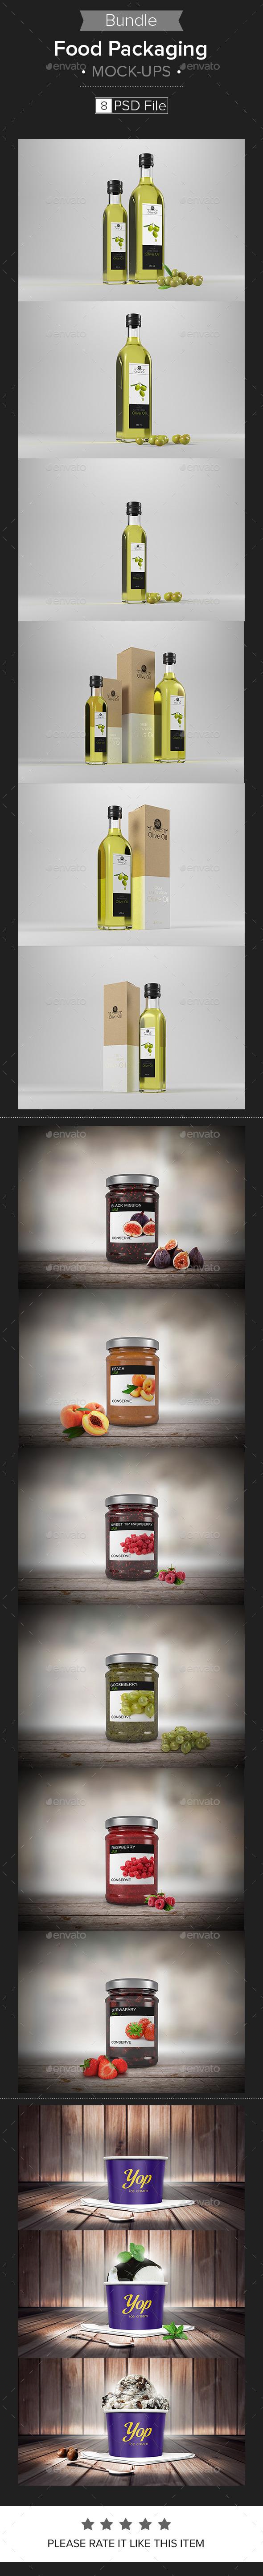 GraphicRiver Food Packaging Mock-up Bundle 10961629